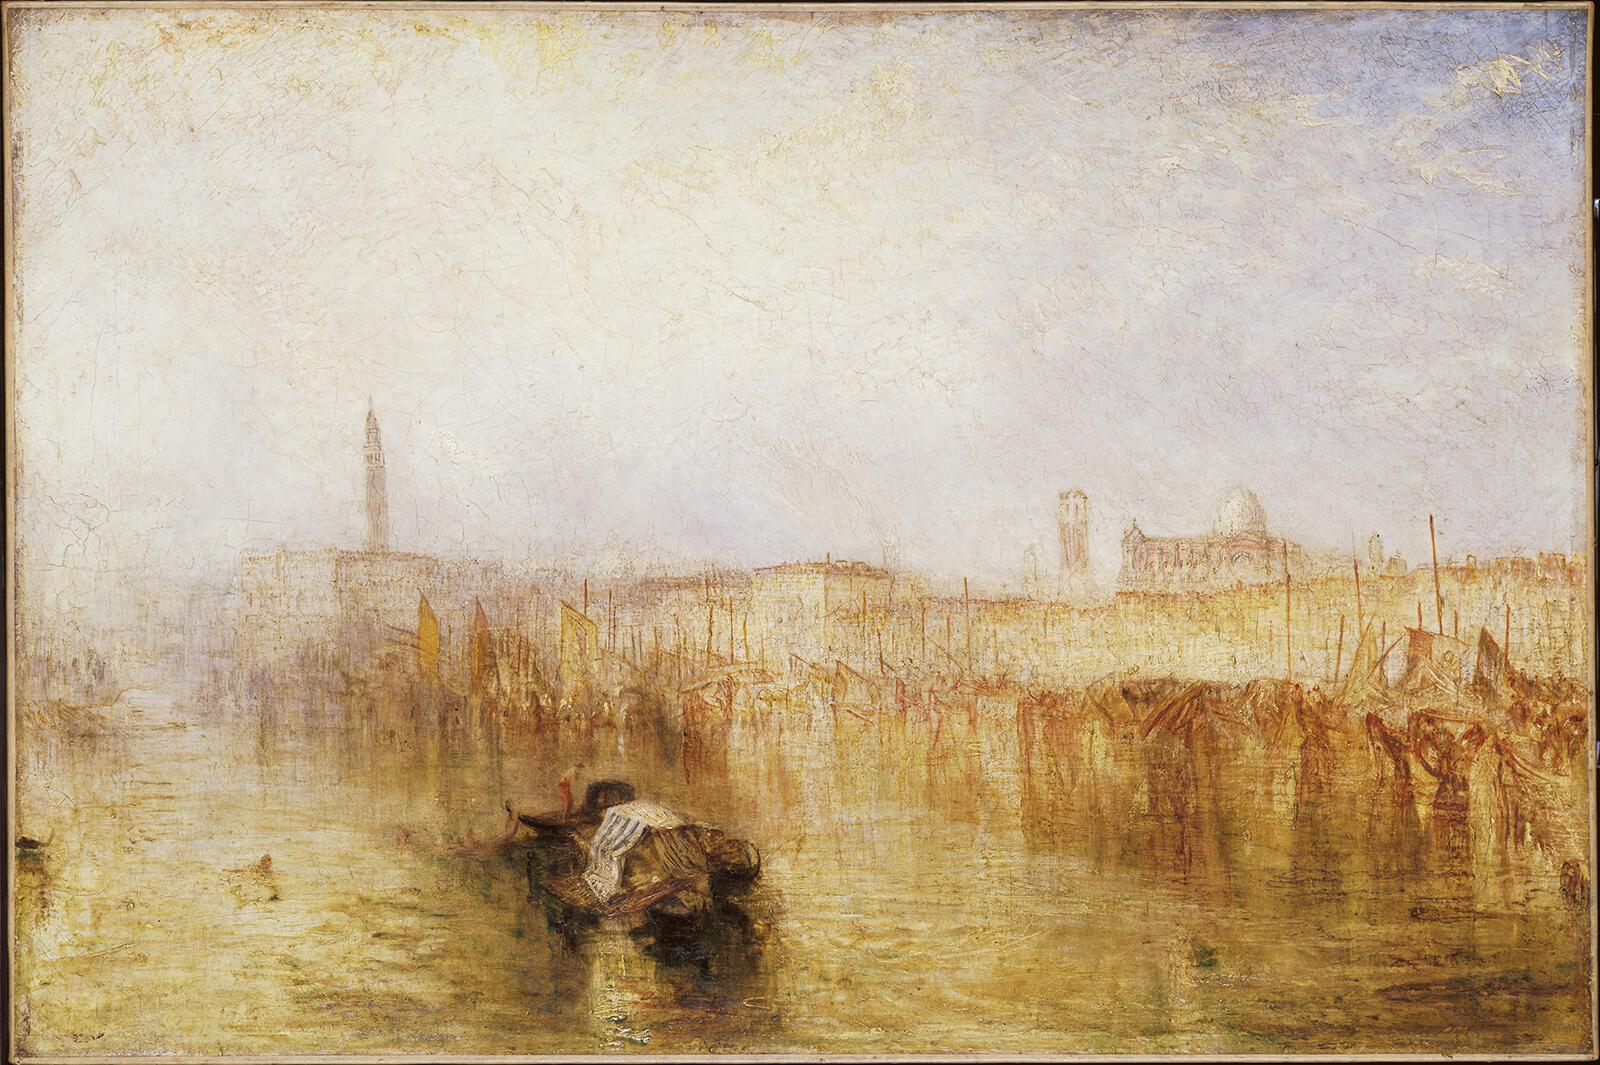 Набережная в Венеции, Дворец дожей. Уильям Тернер. Холст, масло. Выставлялась в 1844.